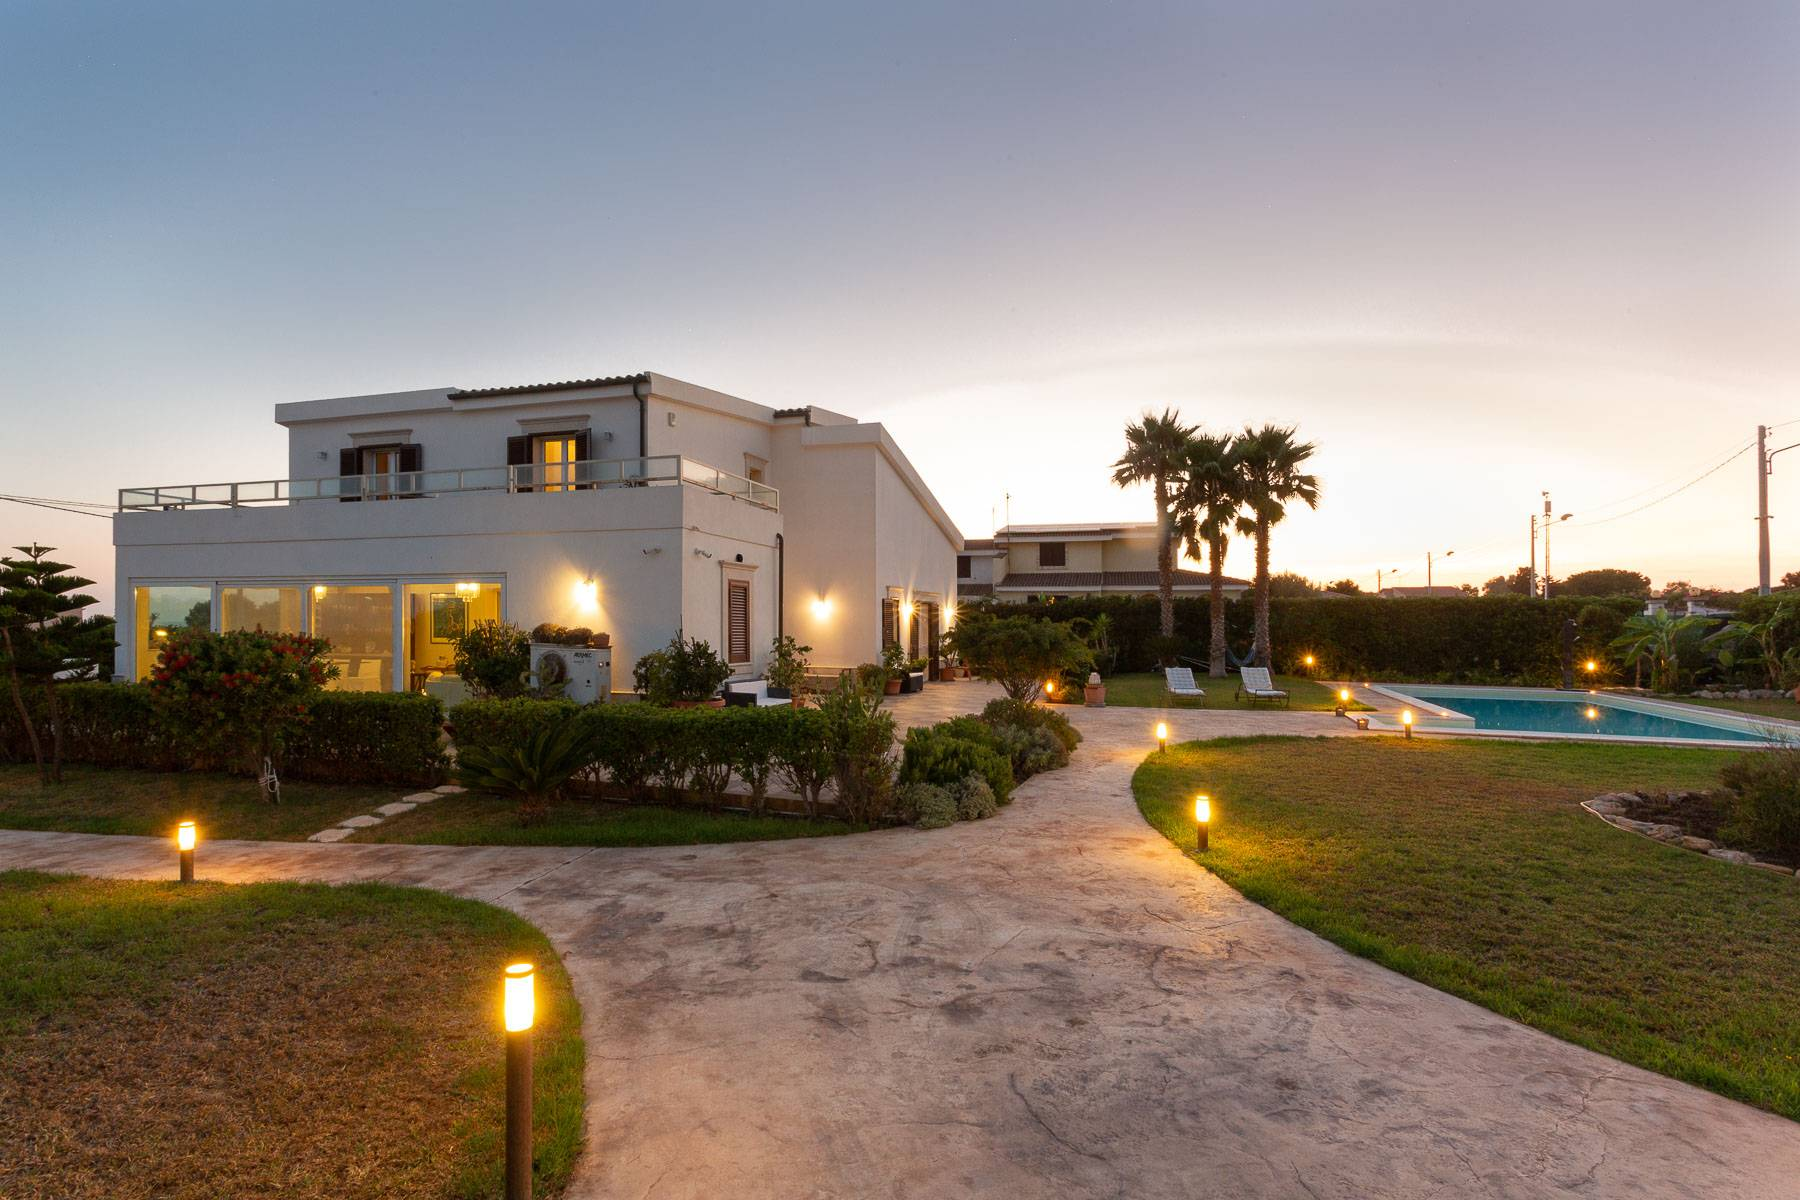 Villa in Vendita a Siracusa: 5 locali, 200 mq - Foto 6